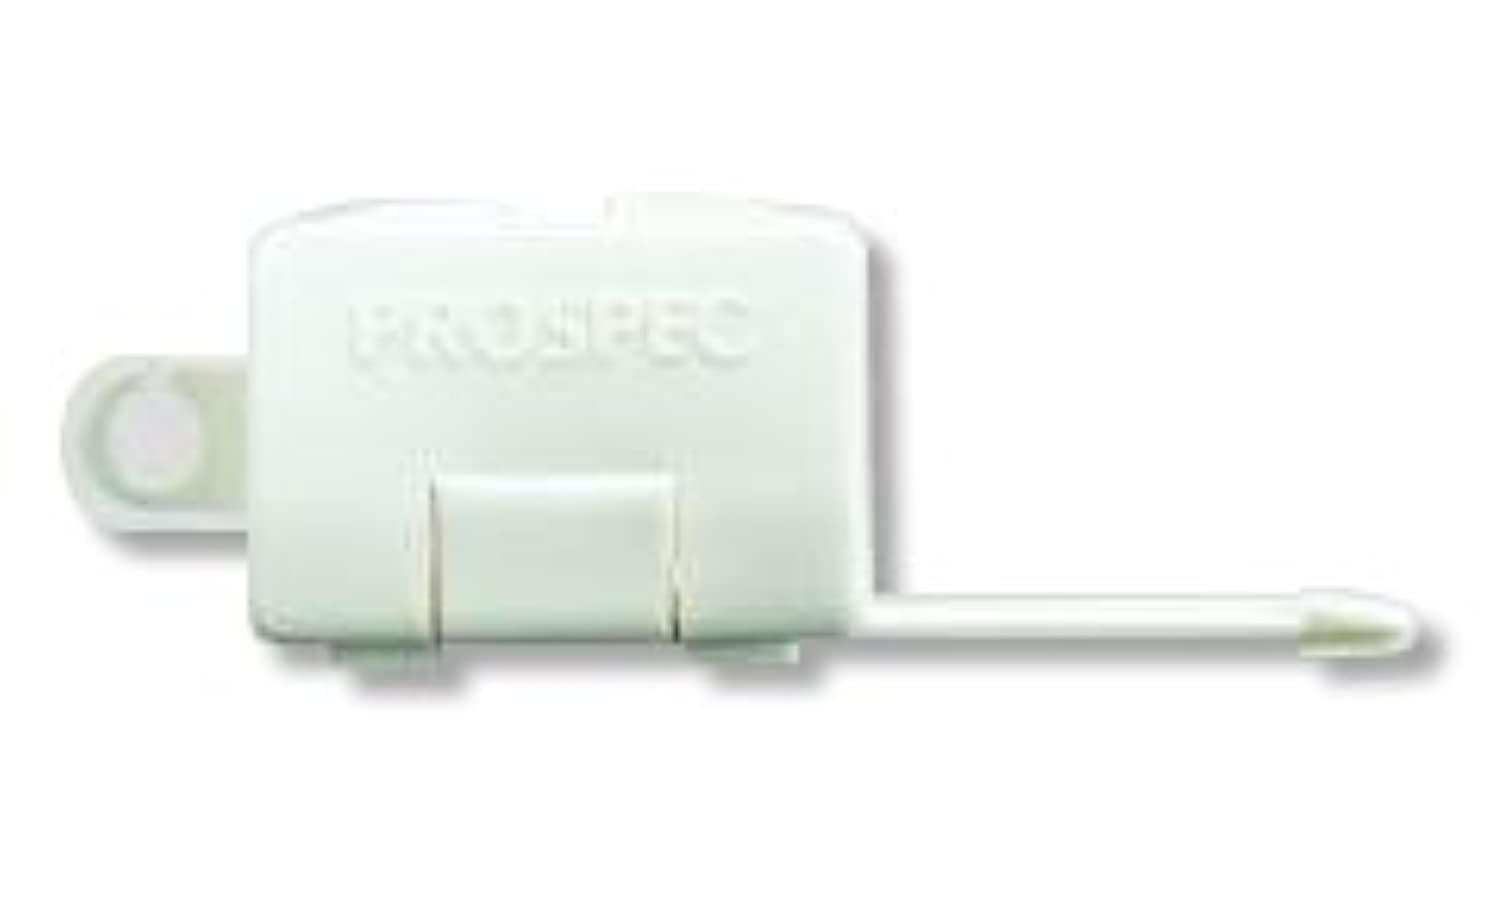 コマンド試験浮浪者【ジーシー(GC)】【歯科用】プロスペック歯ブラシキャップ 20個【歯ブラシキャップ】アイボリー PROSPEC TOOTH BRUSH CAP